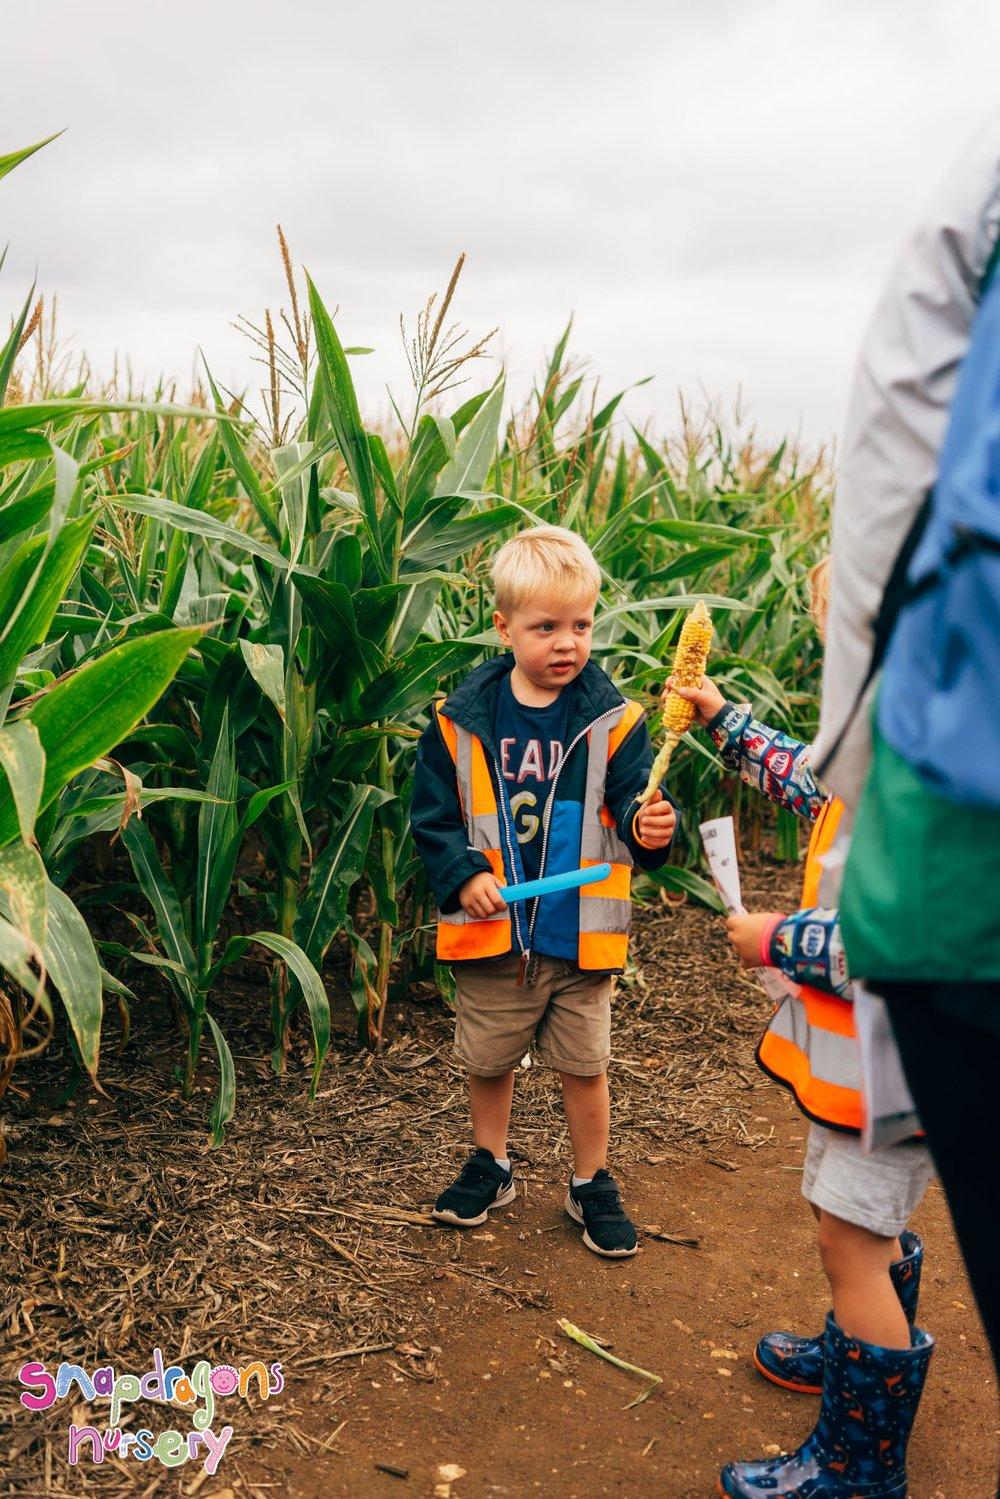 maize-maze-2018-08-21--2178-220902-041.jpg